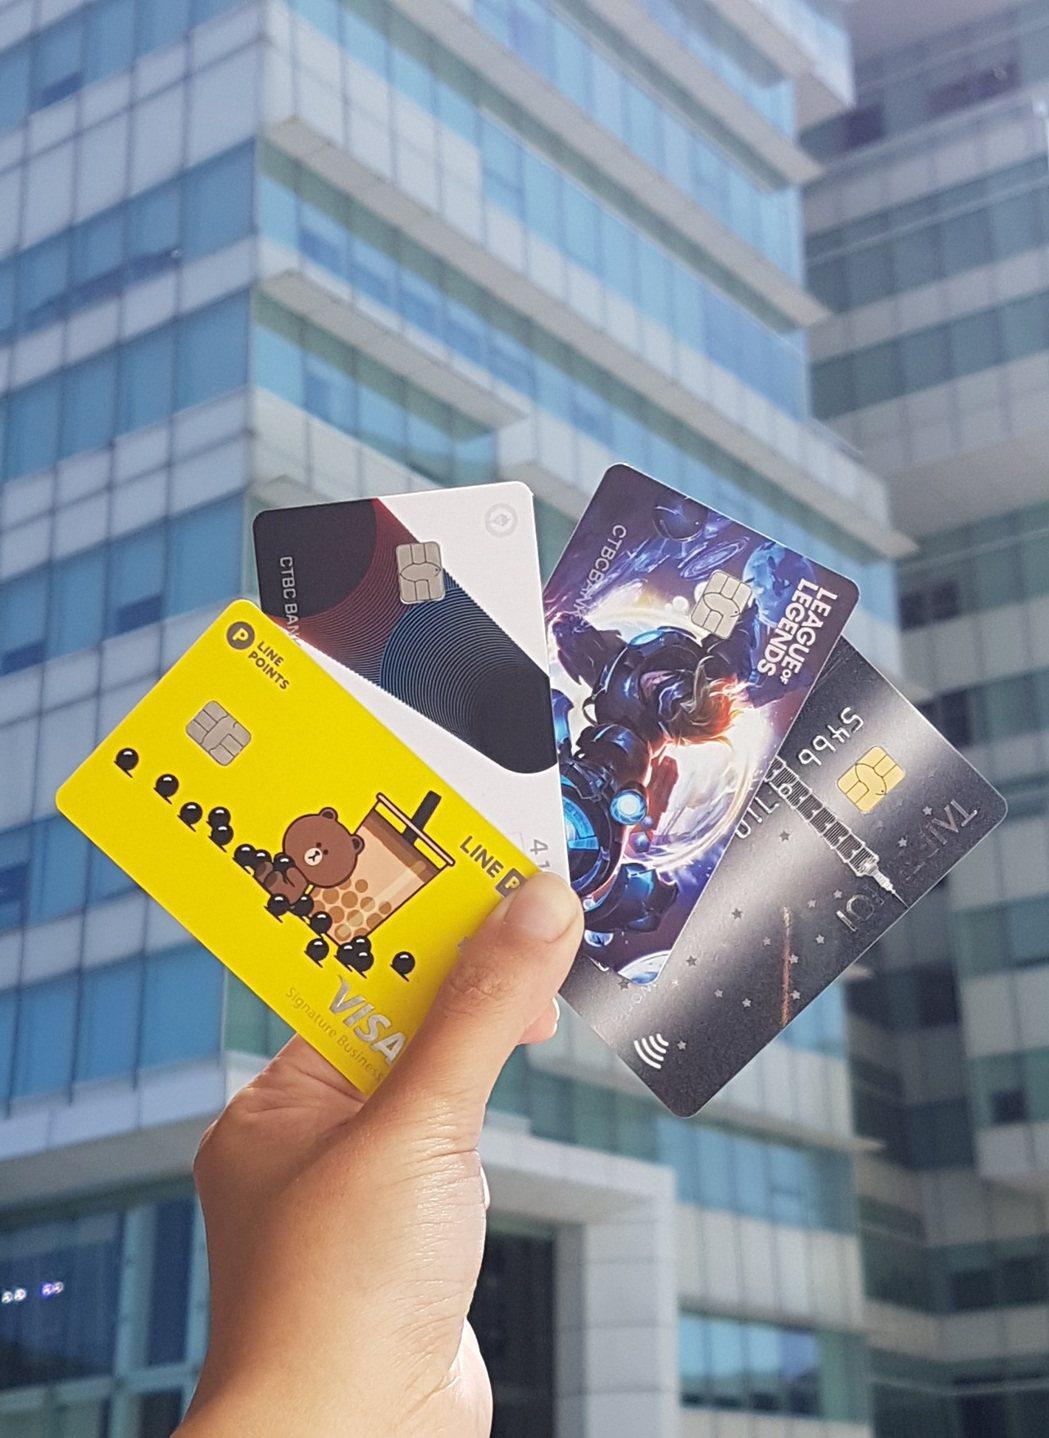 統計顯示,台東縣速食刷卡單價256元為全國最高。圖/資料照片